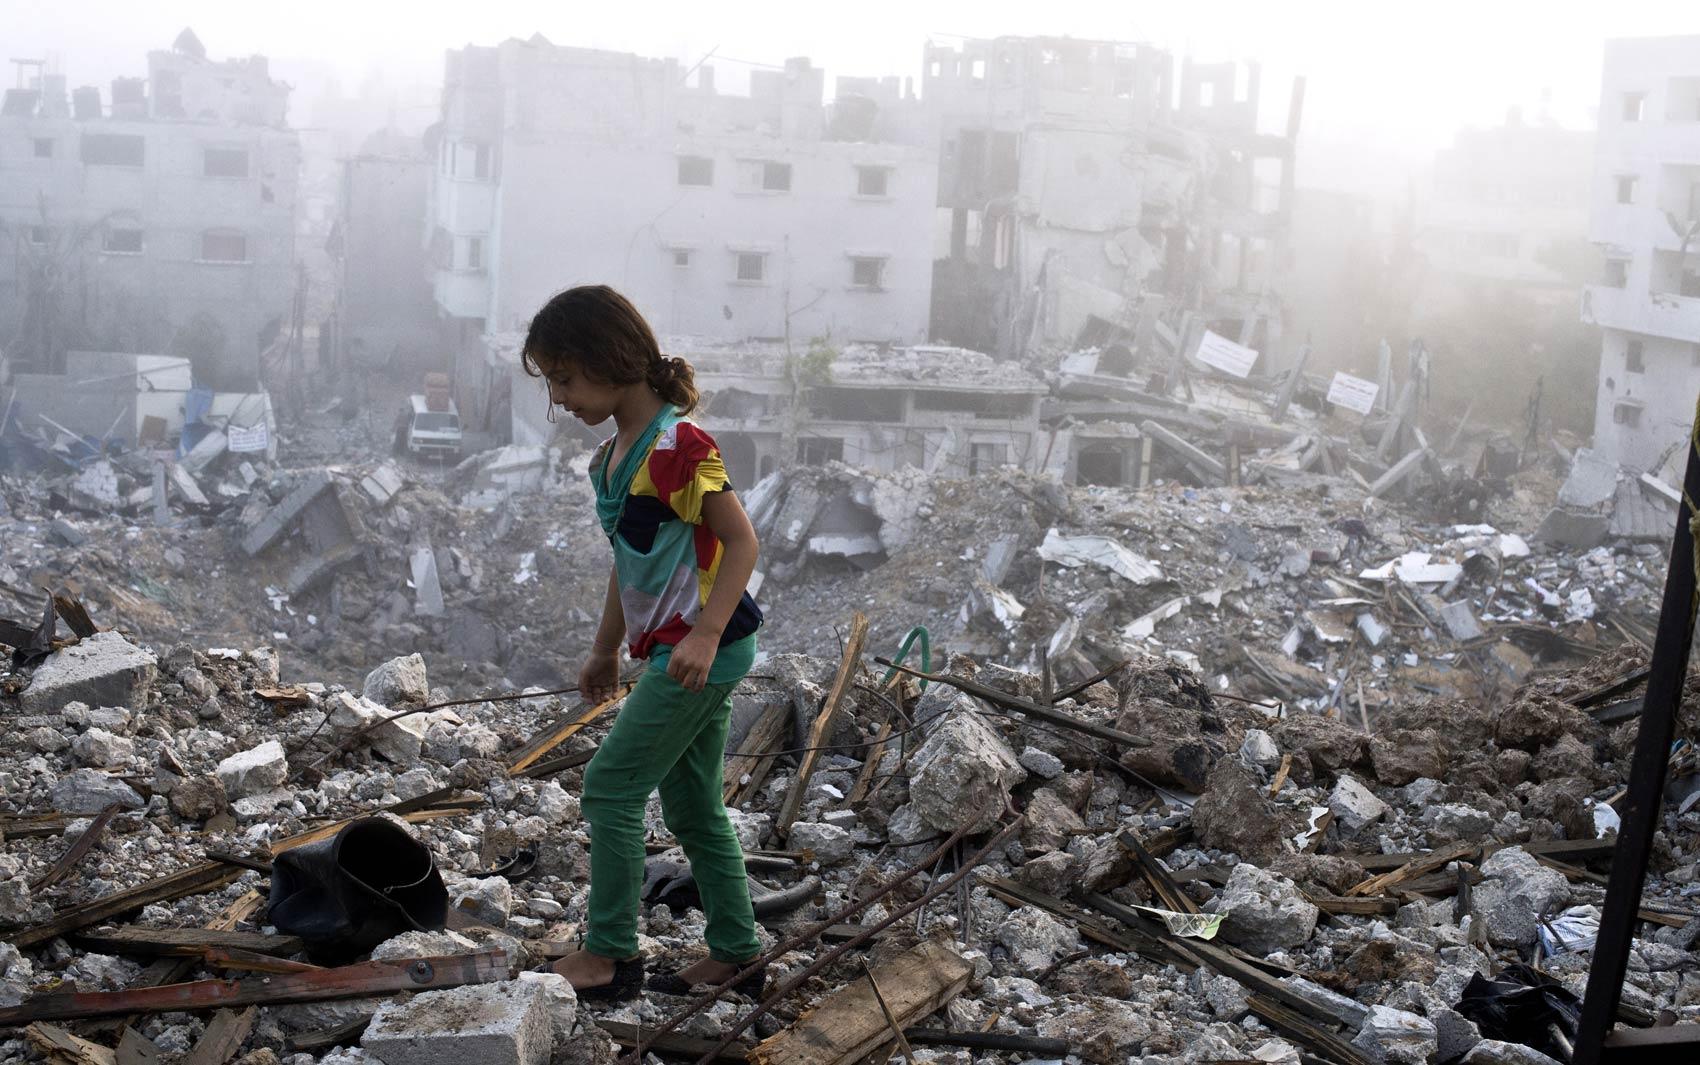 27/8 - Menina vasculha escombros no local onde ficava sua casa após voltar com a família ao bairro de Shejaiya, na Cidade de Gaza